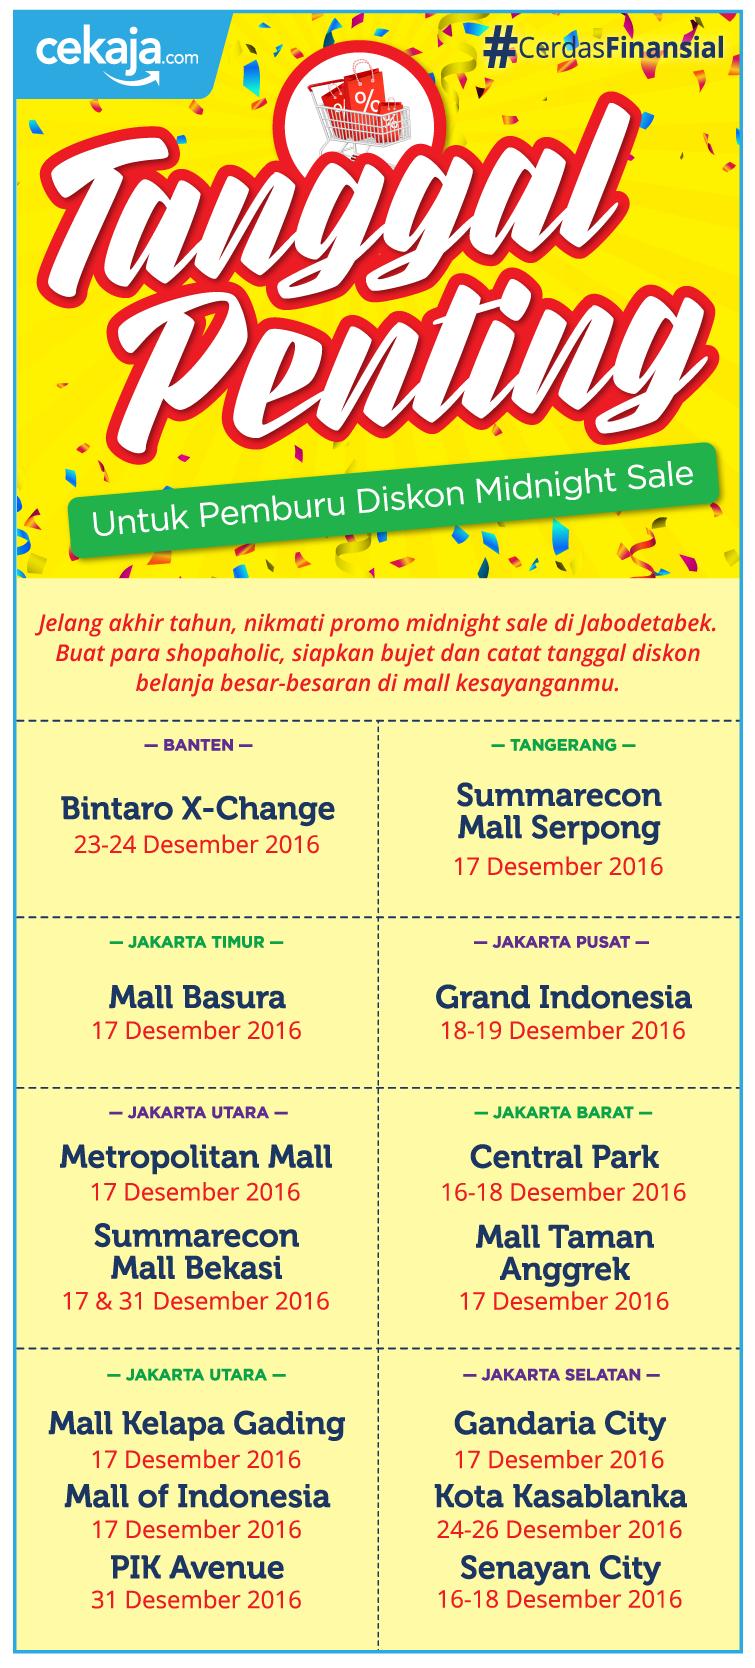 infografis-tanggal midnight sale - CekAja.com